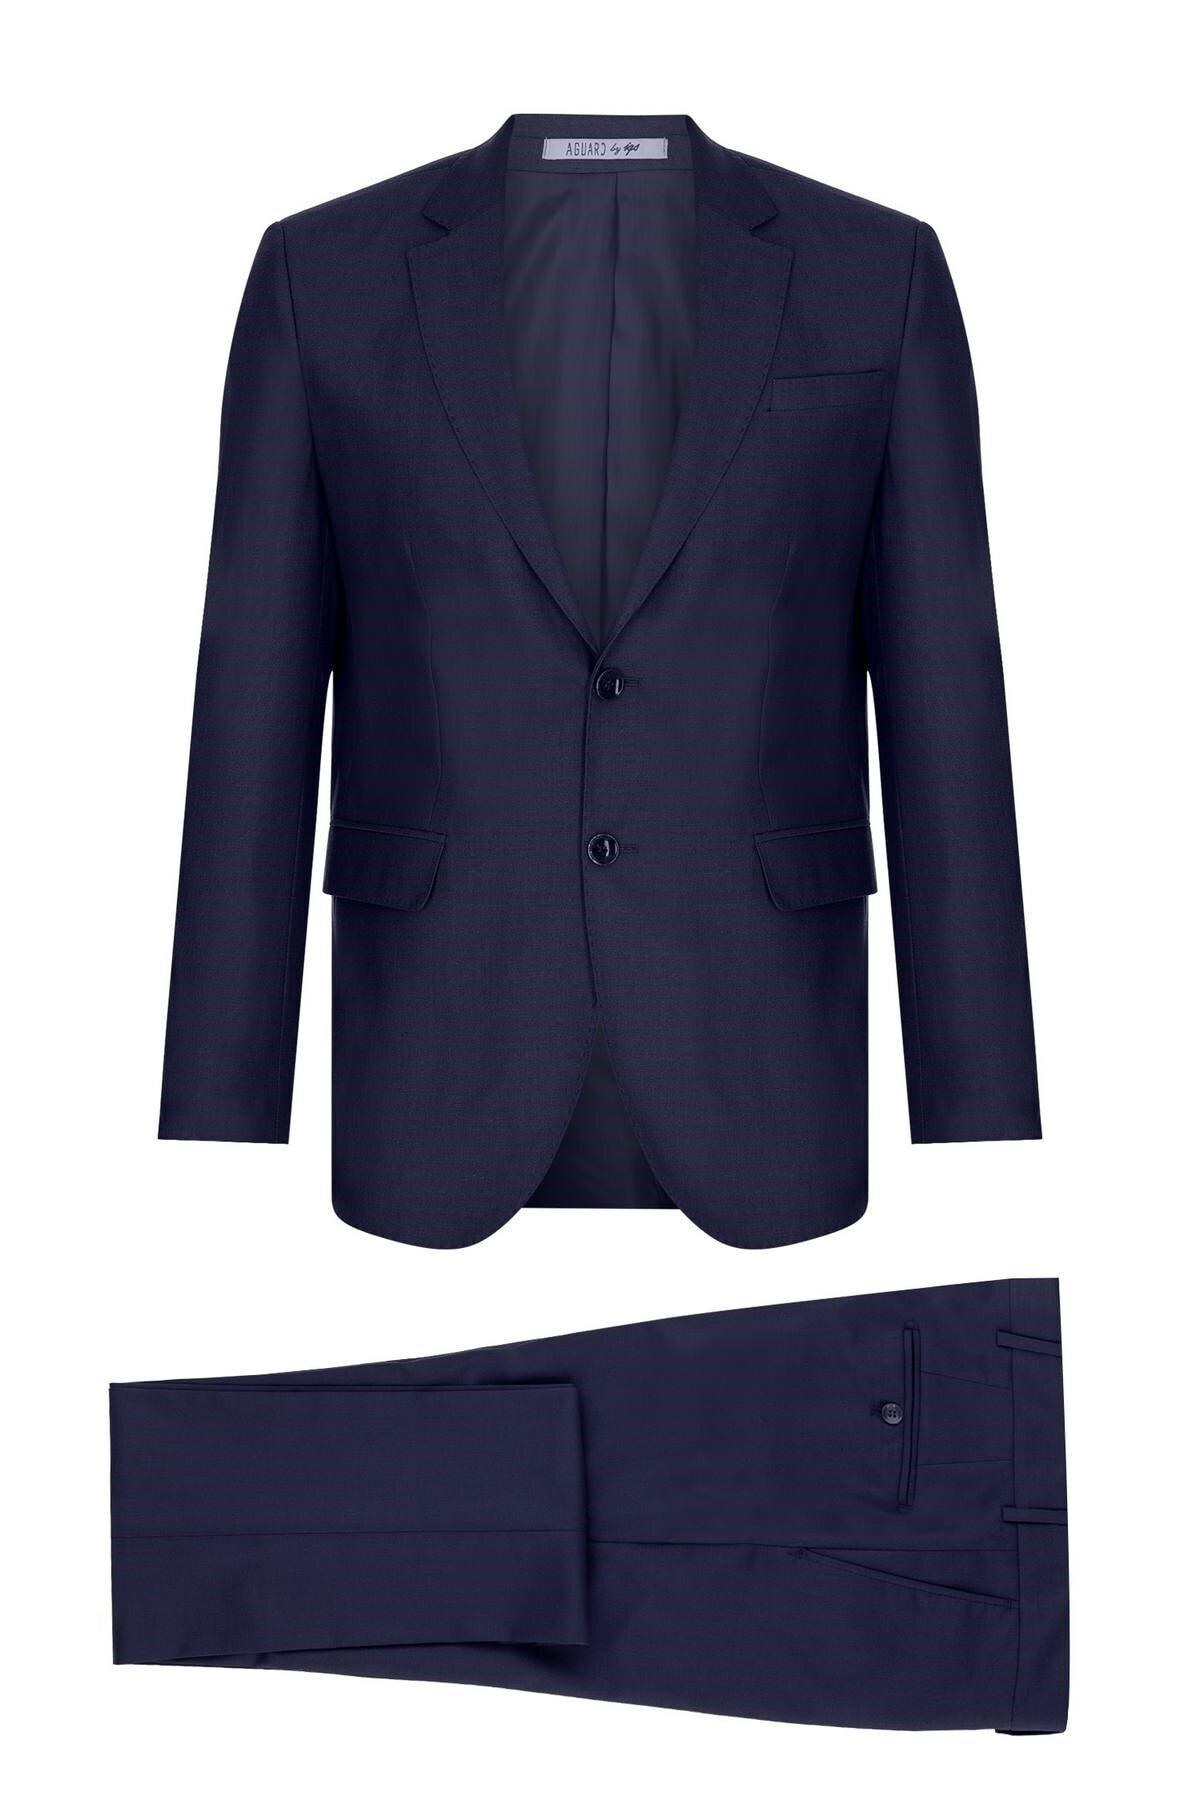 İgs Erkek Lacivert Barı / Geniş Kalıp Std Takım Elbise 1